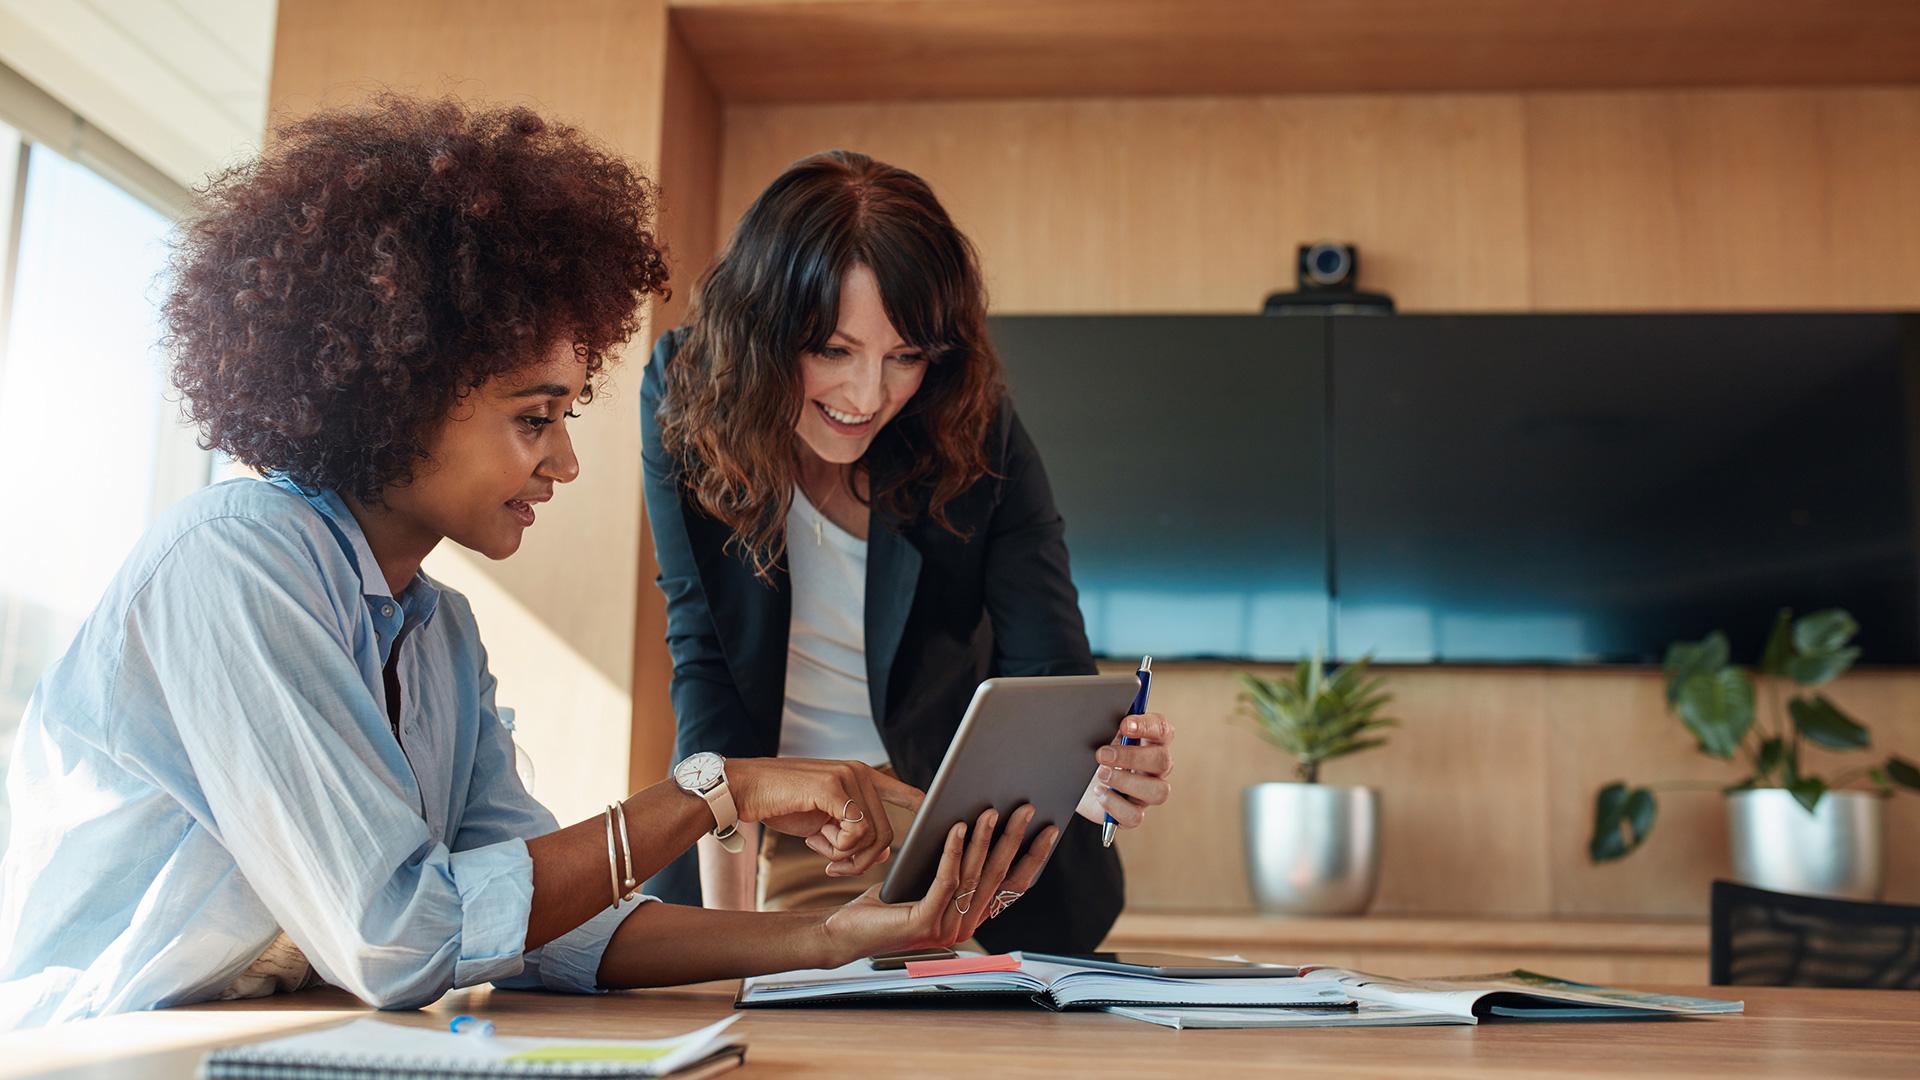 Foto de duas mulheres olhando para um tablet